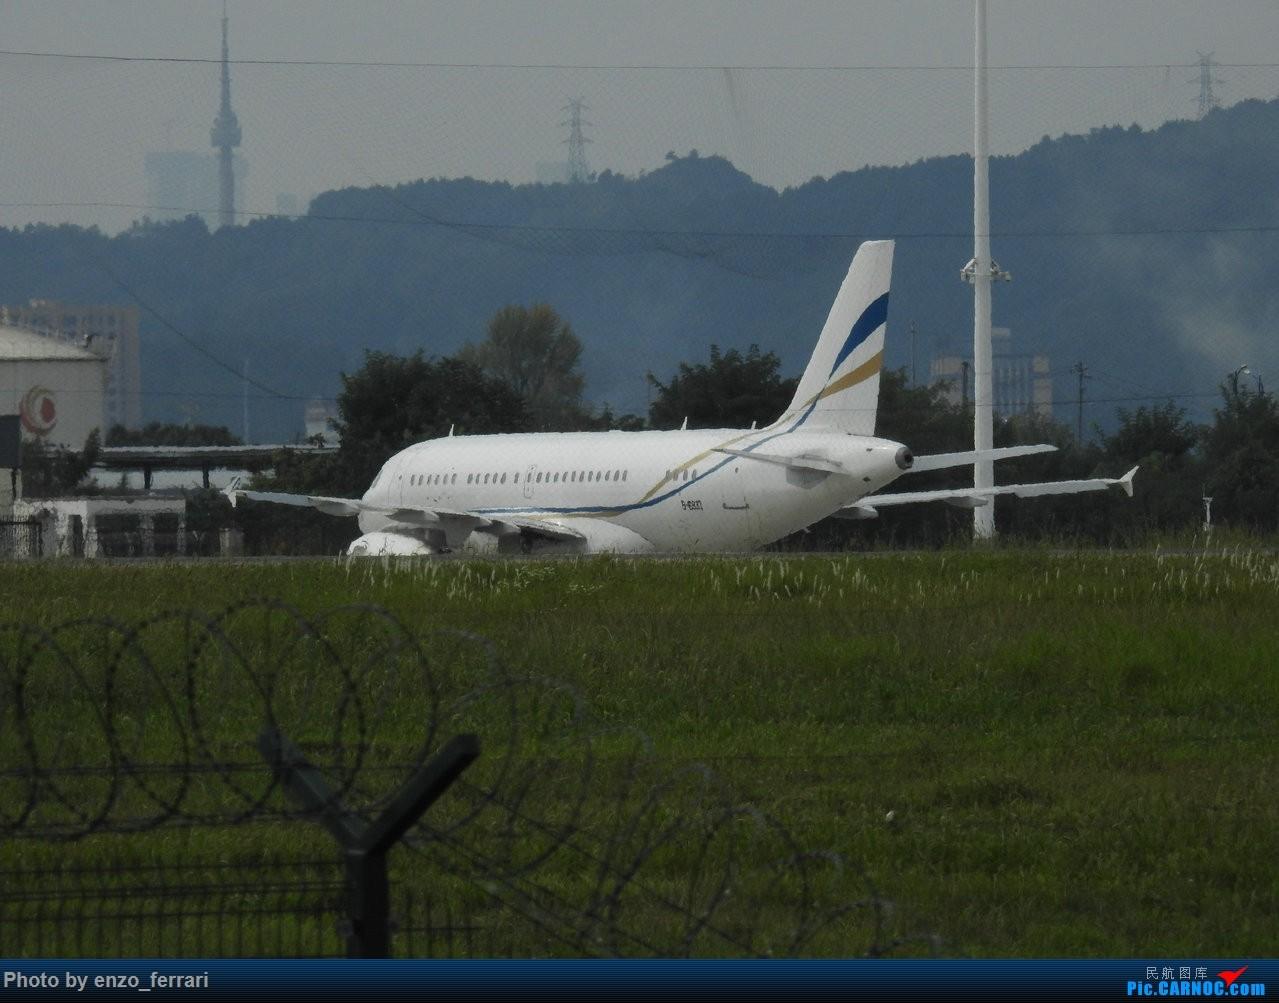 [原创]【KWE】贵阳机场拍难得一见的公务机 AIRBUS A319-133CJ B-6933 中国贵阳龙洞堡国际机场